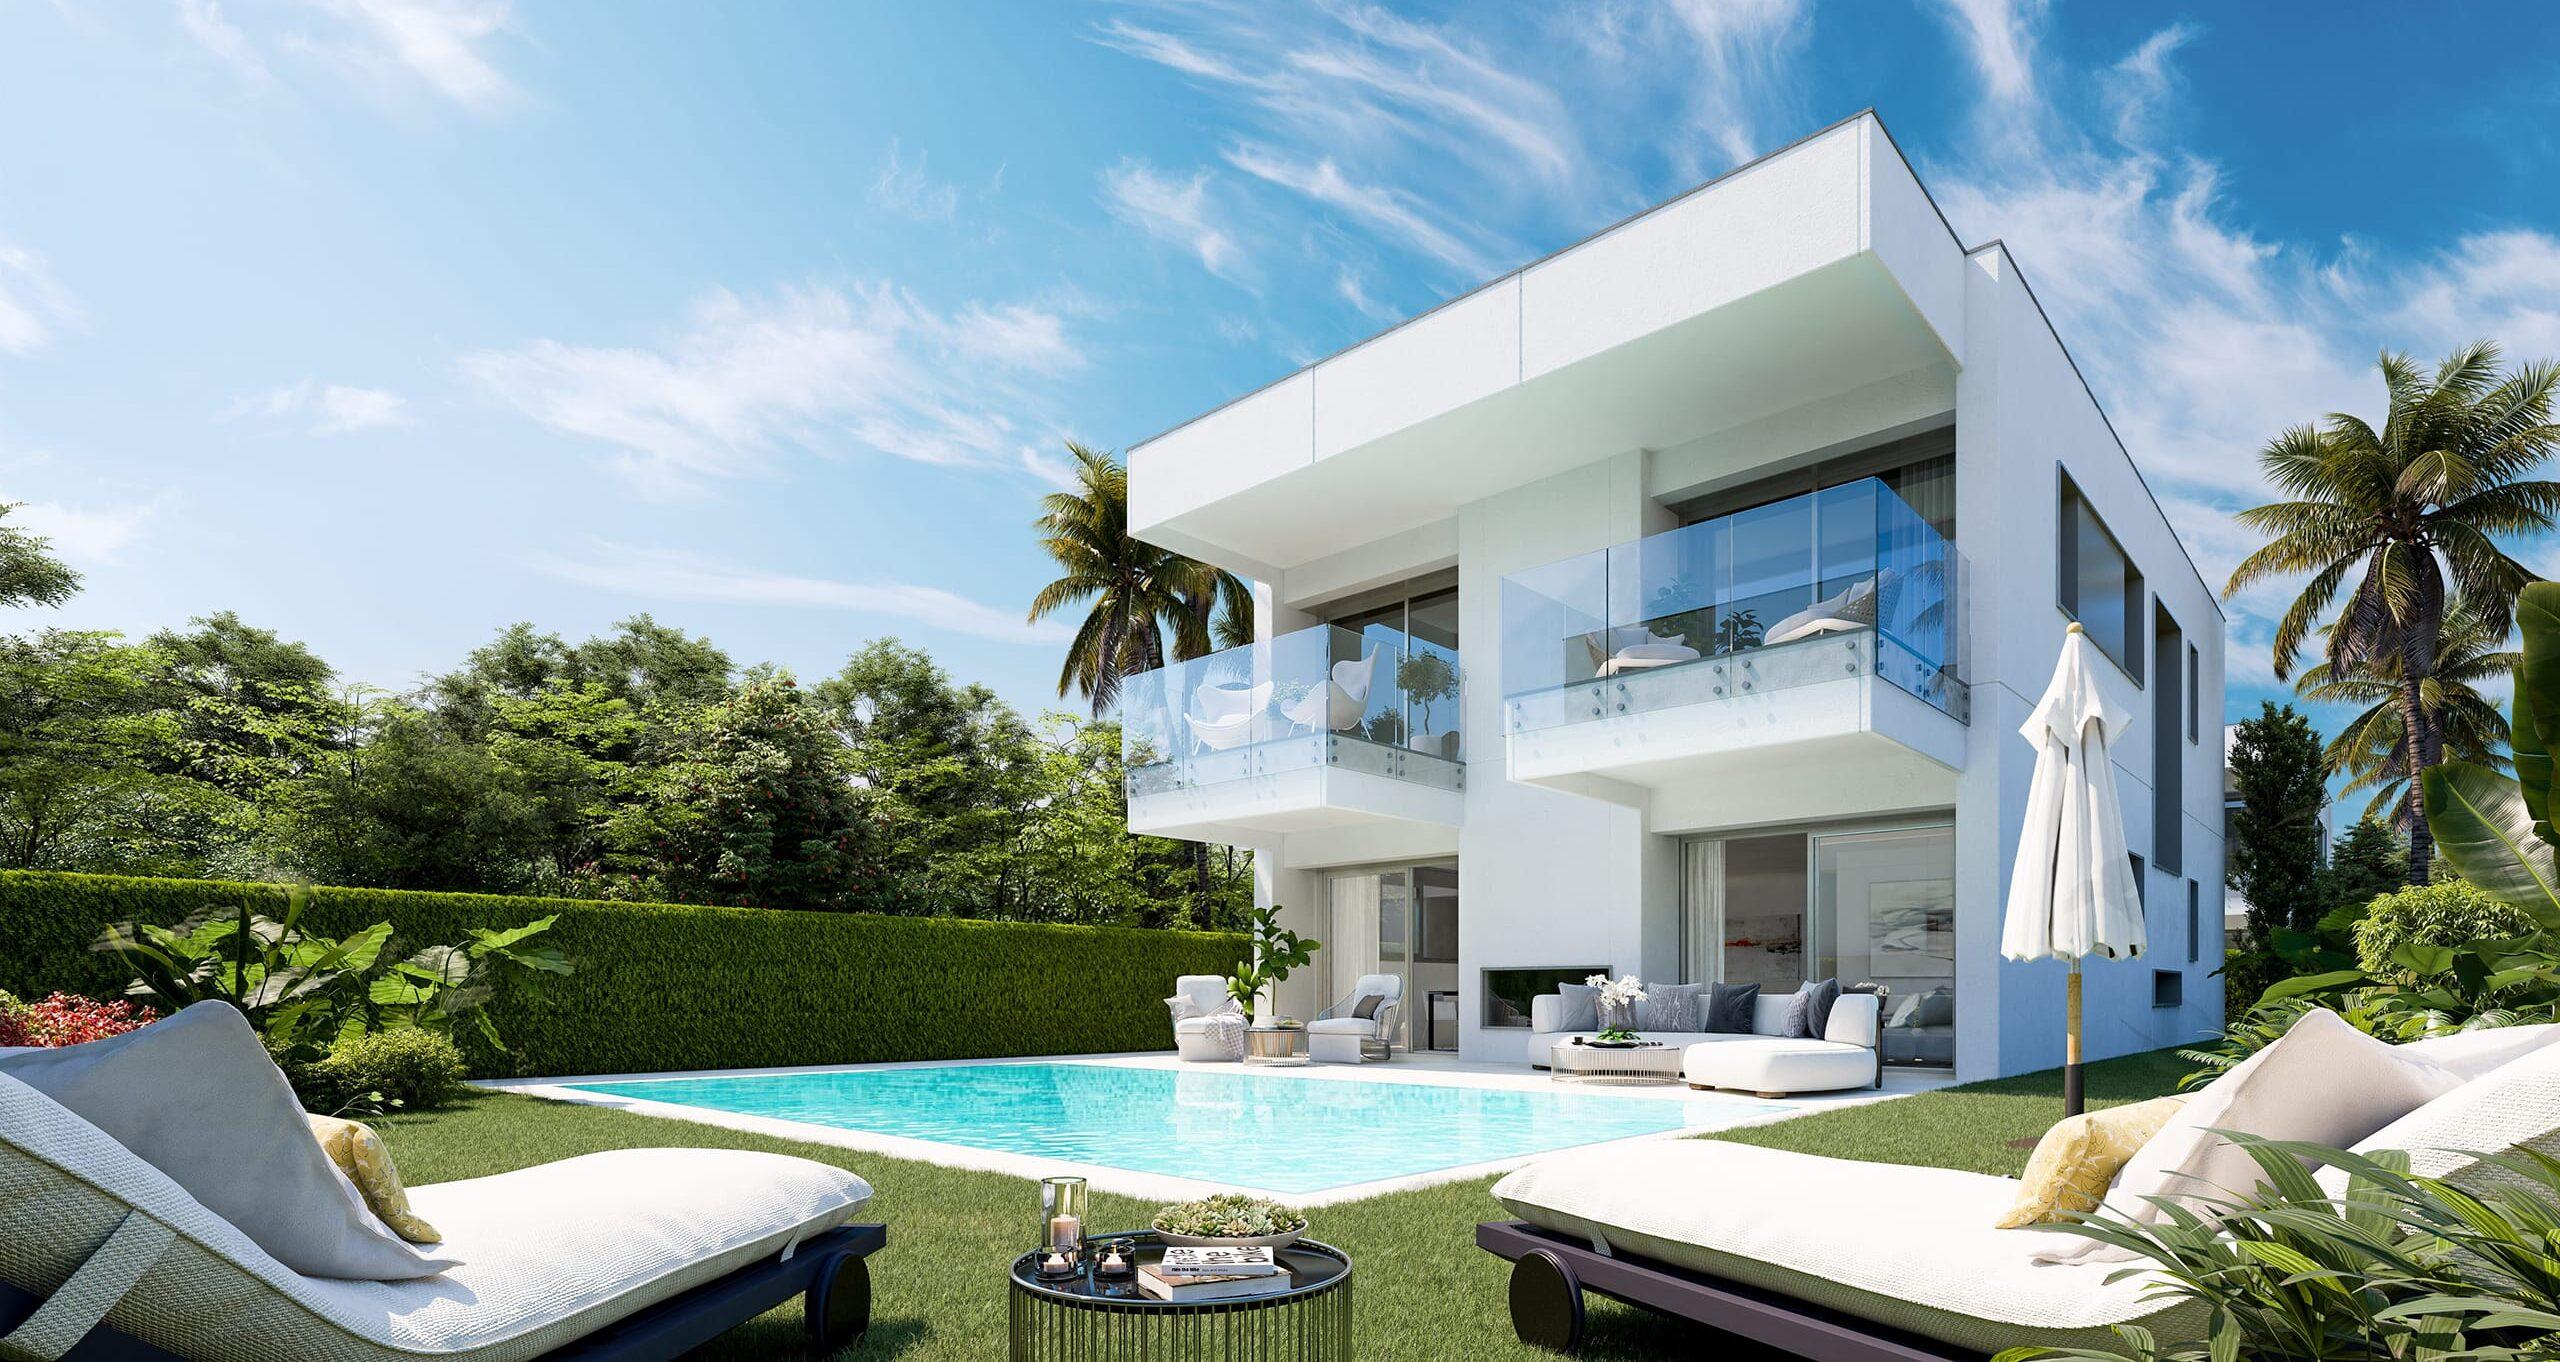 Villa à vendre dans la région de Marbella Puerto Banus dans un emplacement privilégié||||||||||||||||||